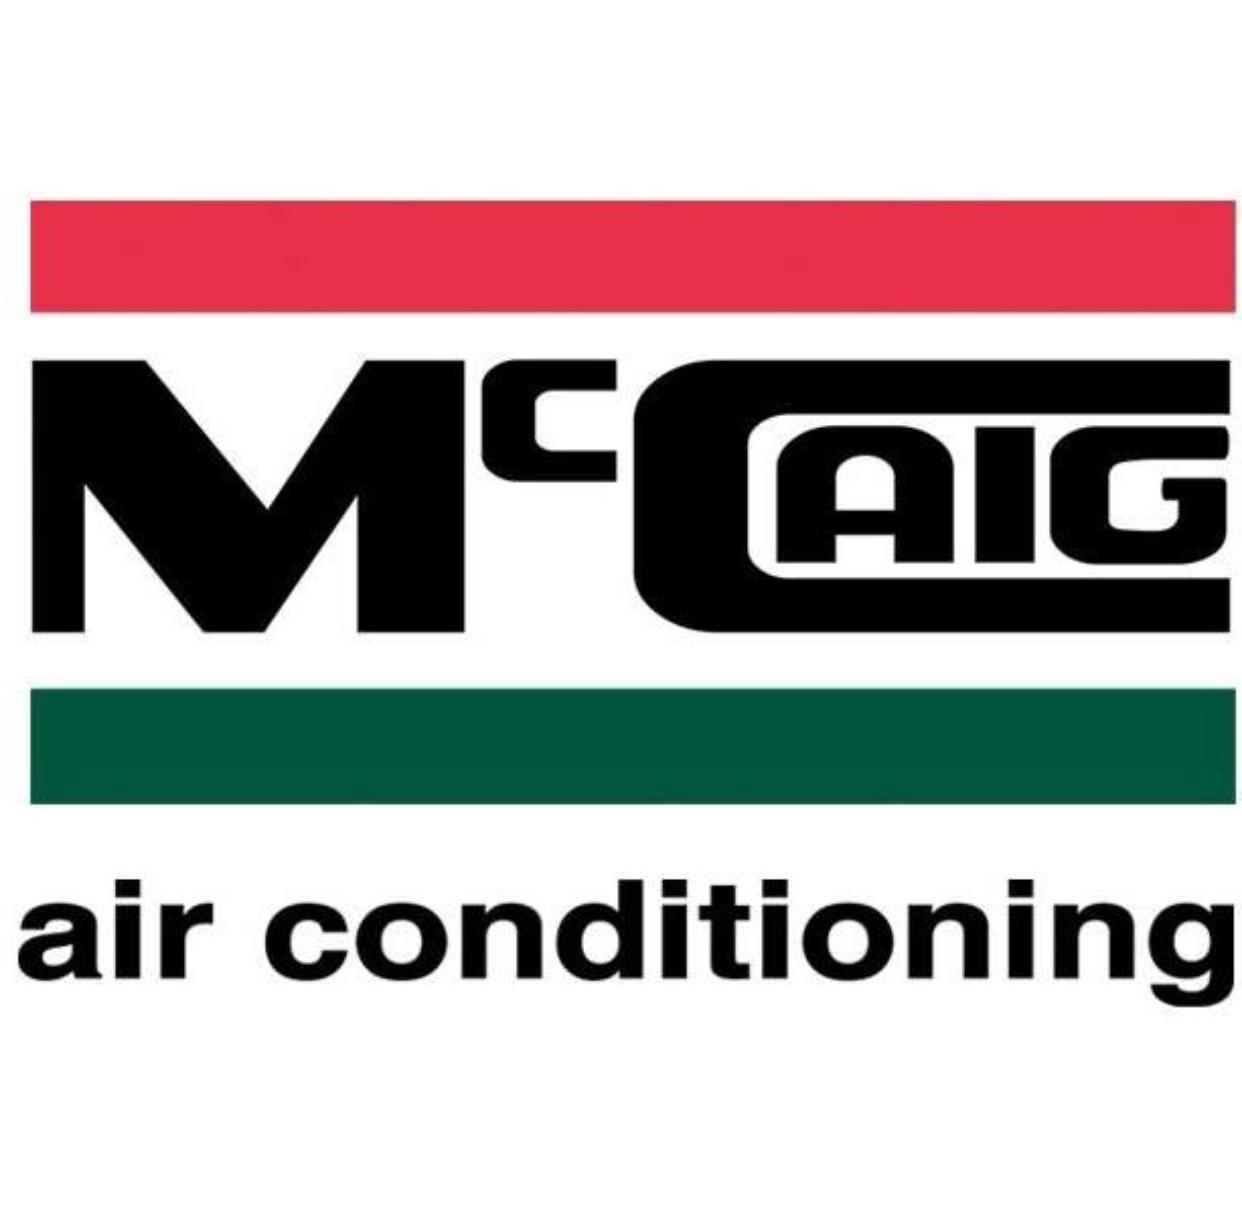 McCaig air conditioning